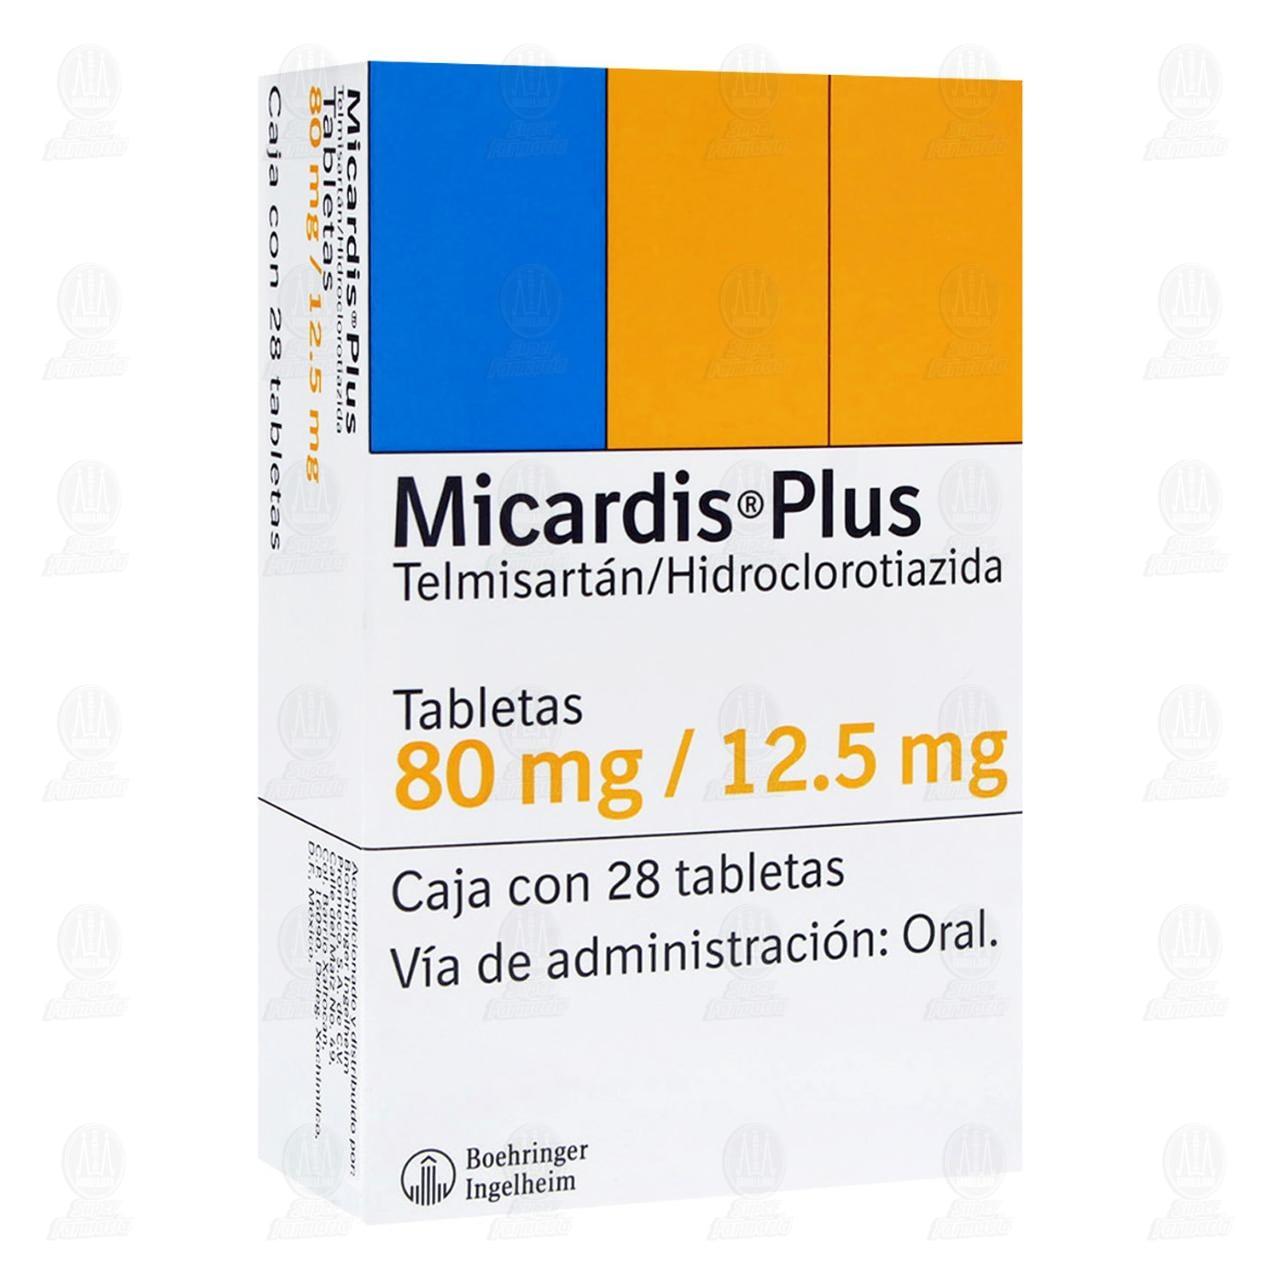 Micardis Plus 80mg/12.5mg 28 Tabletas